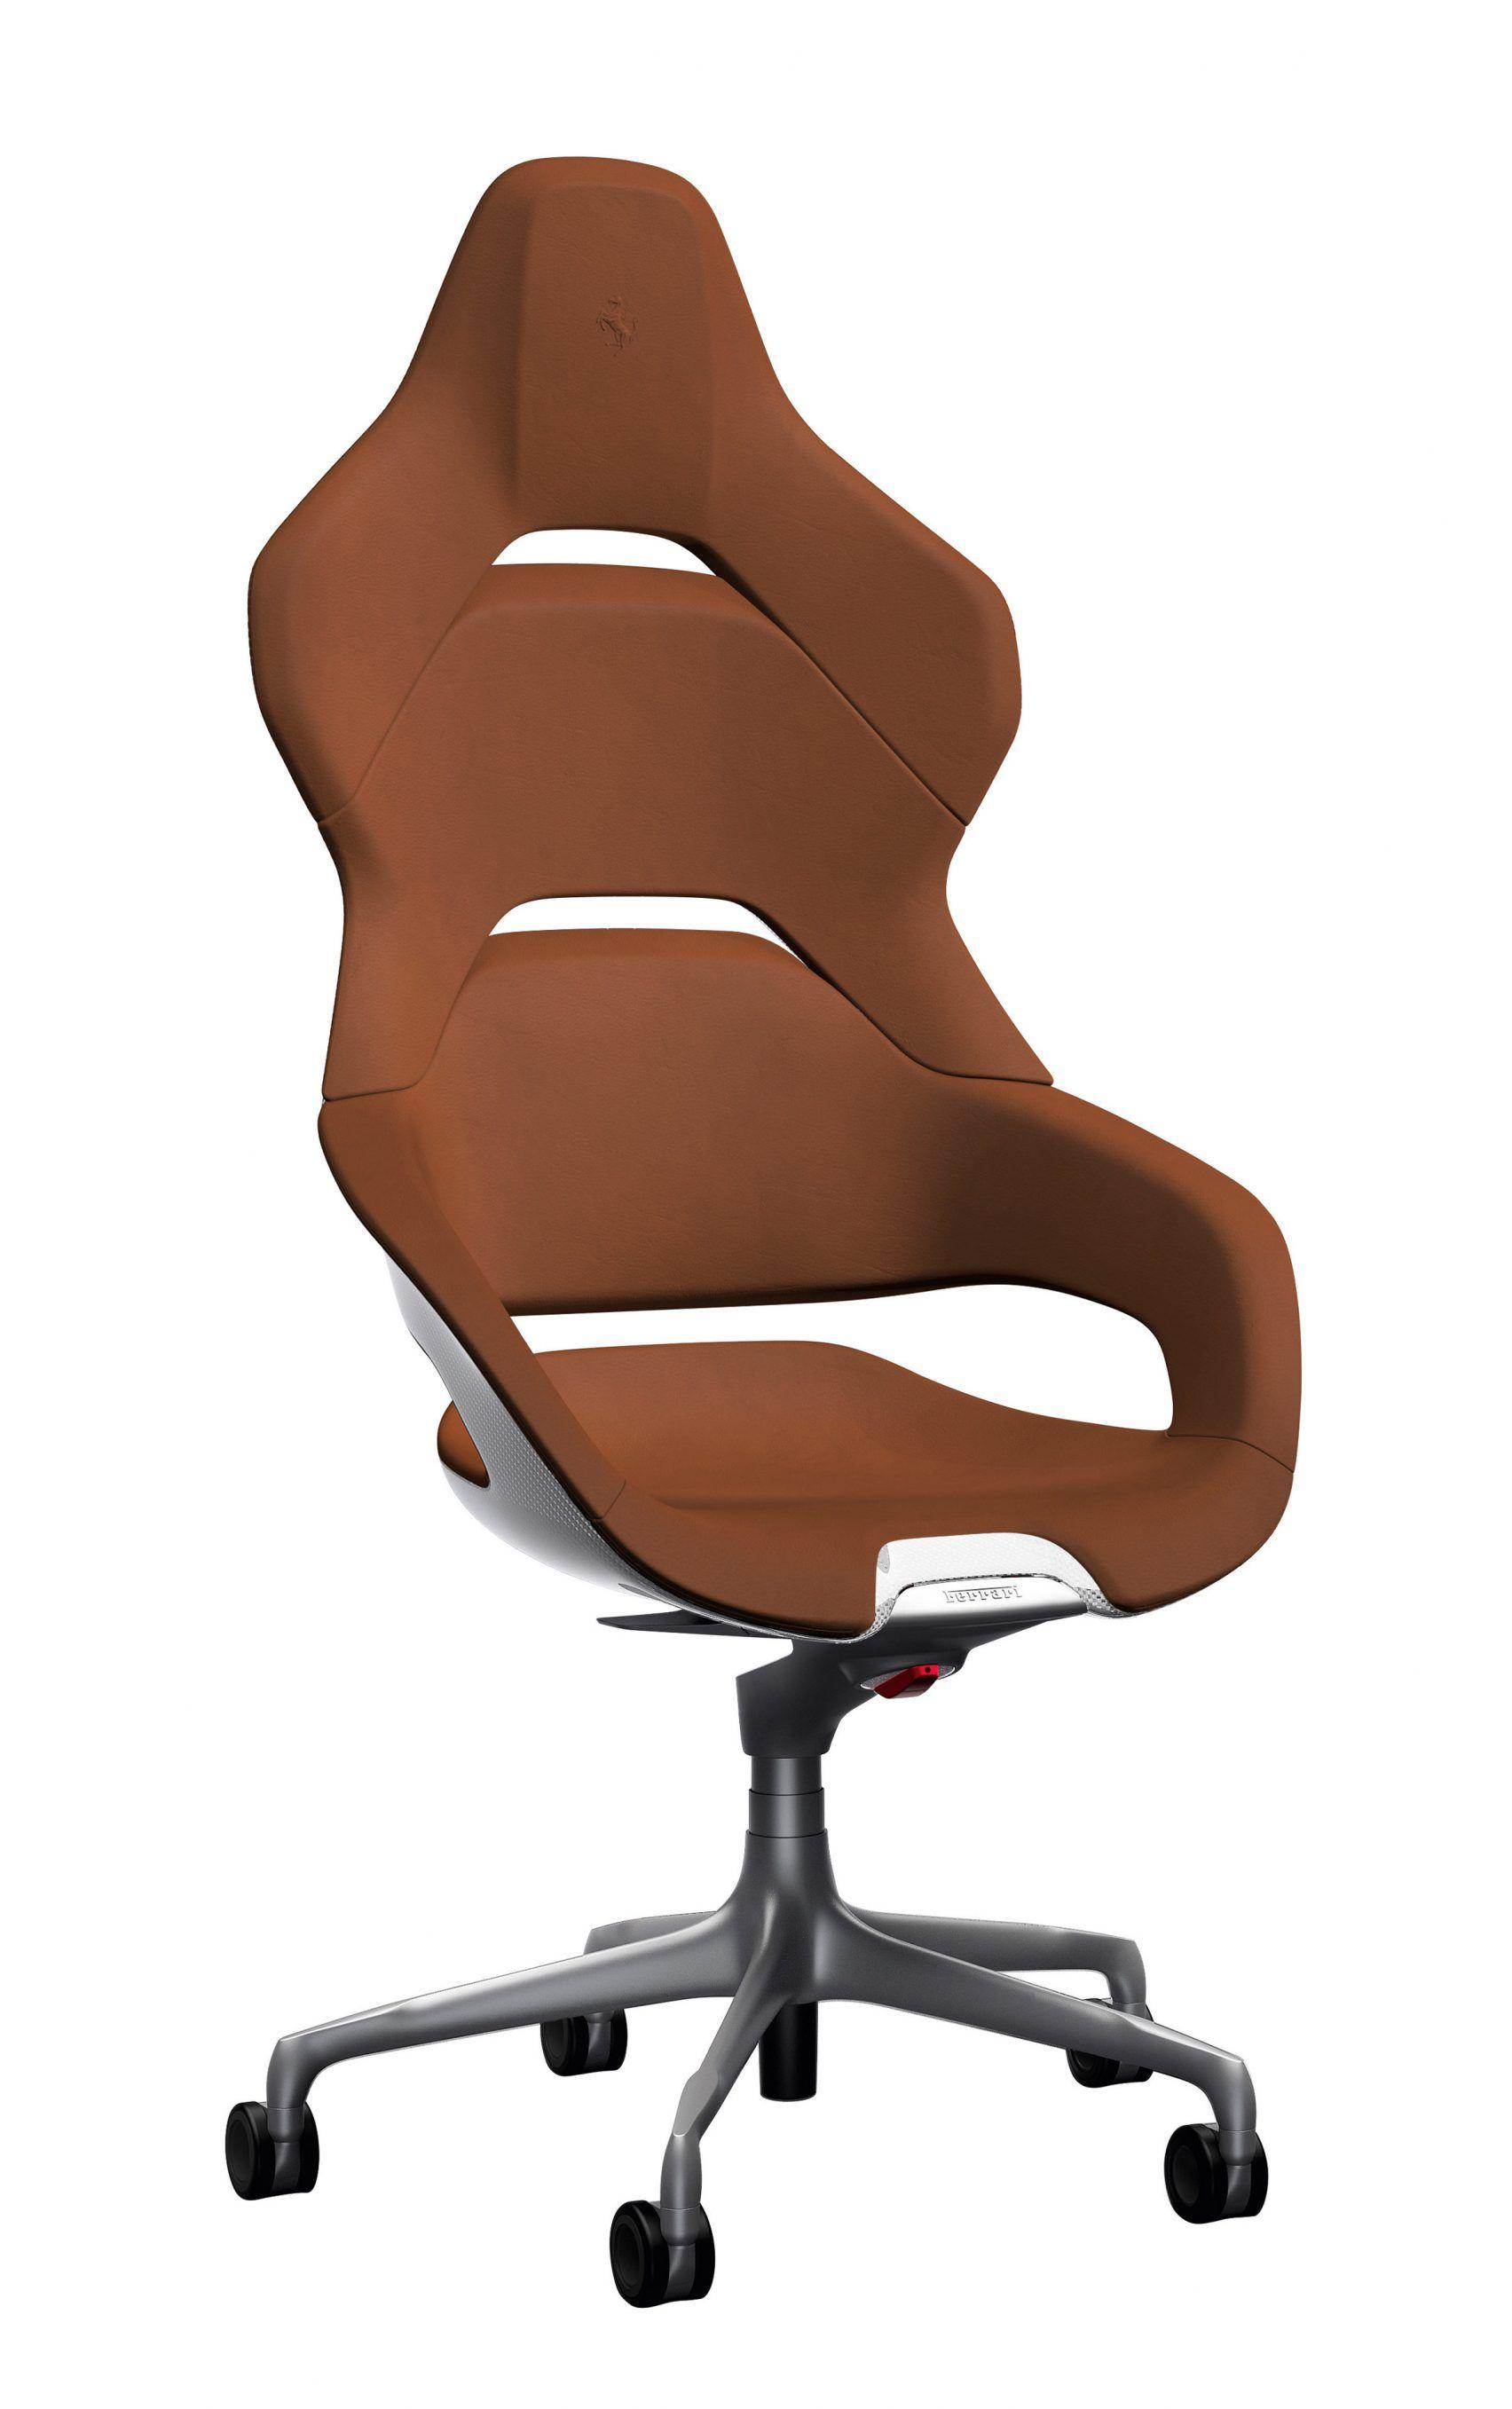 design team creates Cockpit office chair for Poltrona Frau